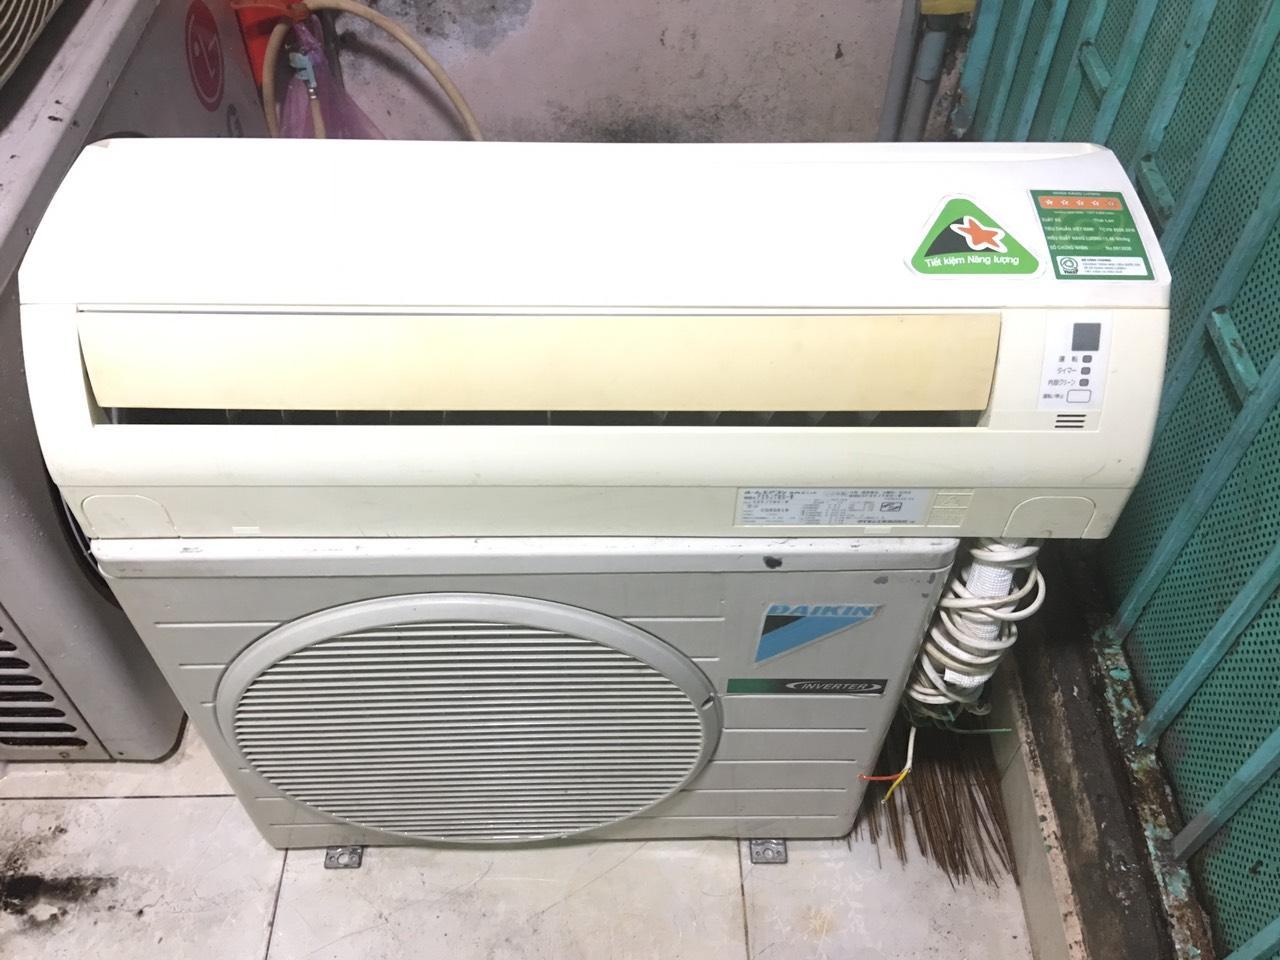 Bảng giá Máy lạnh cũ giá rẻ tiết kiệm điện Daikin 1HP inverter nội địa - bao lắp đặt